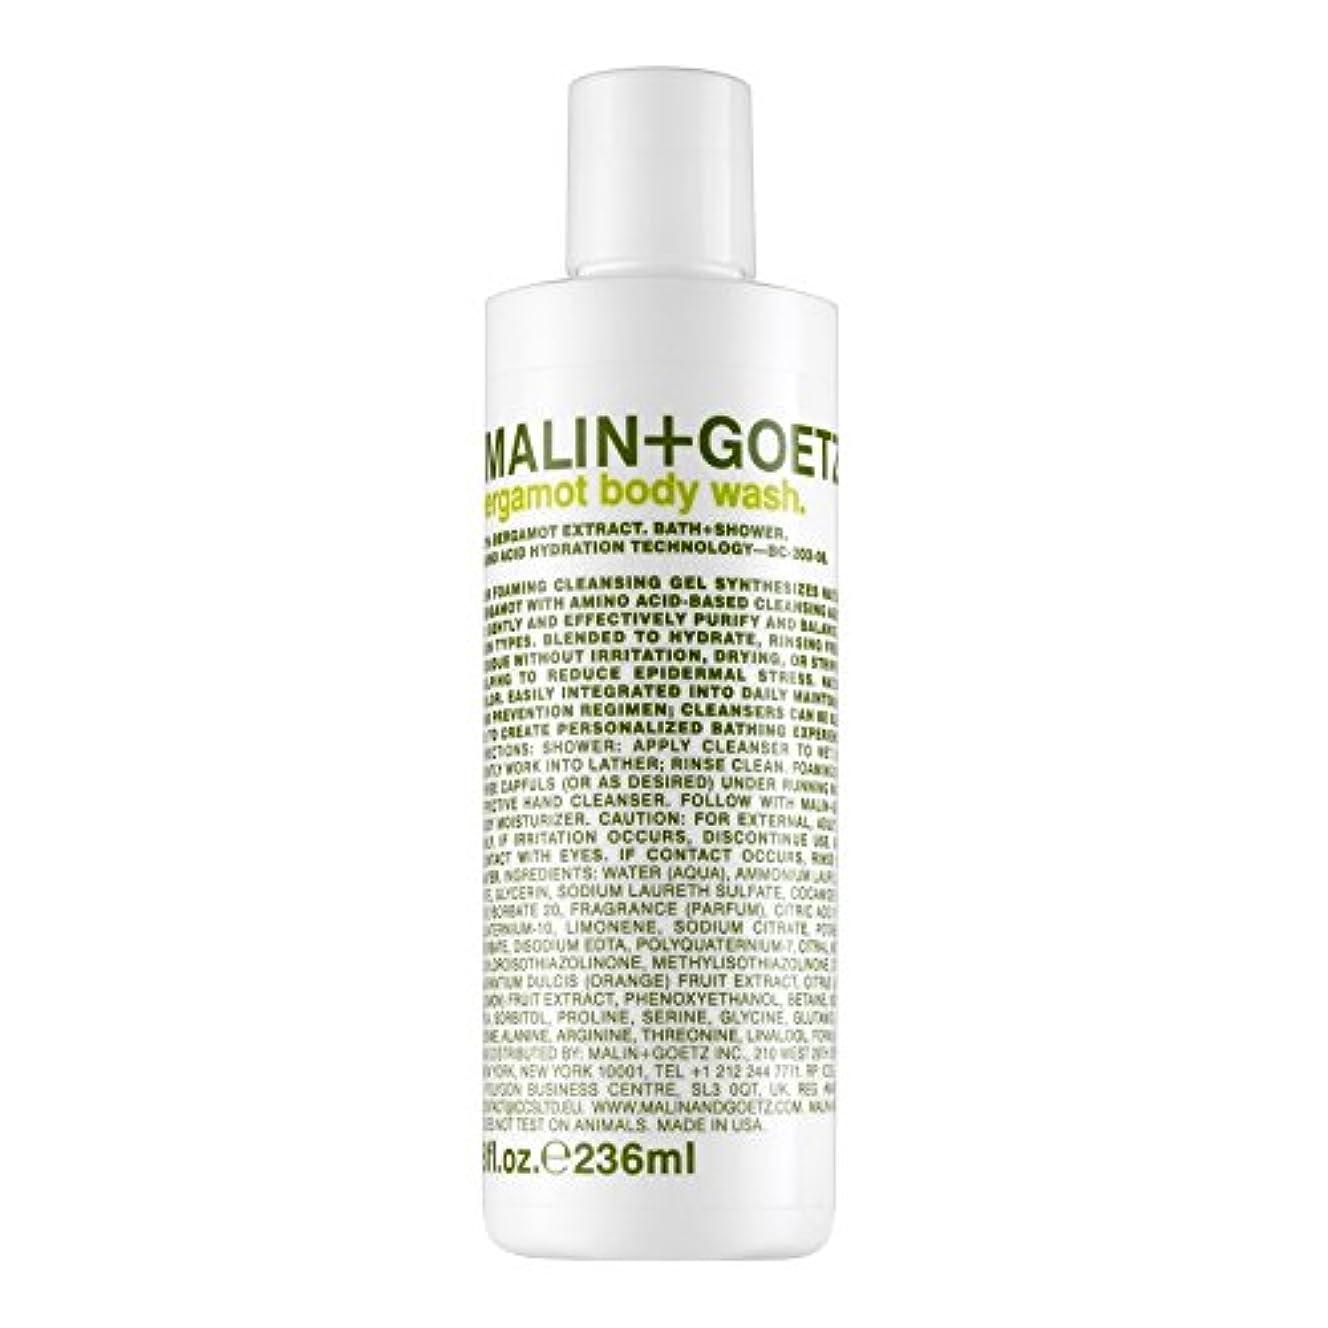 ウィザードミント吸収MALIN+GOETZ Bergamot Body Wash - マリン+ゲッツベルガモットボディウォッシュ [並行輸入品]